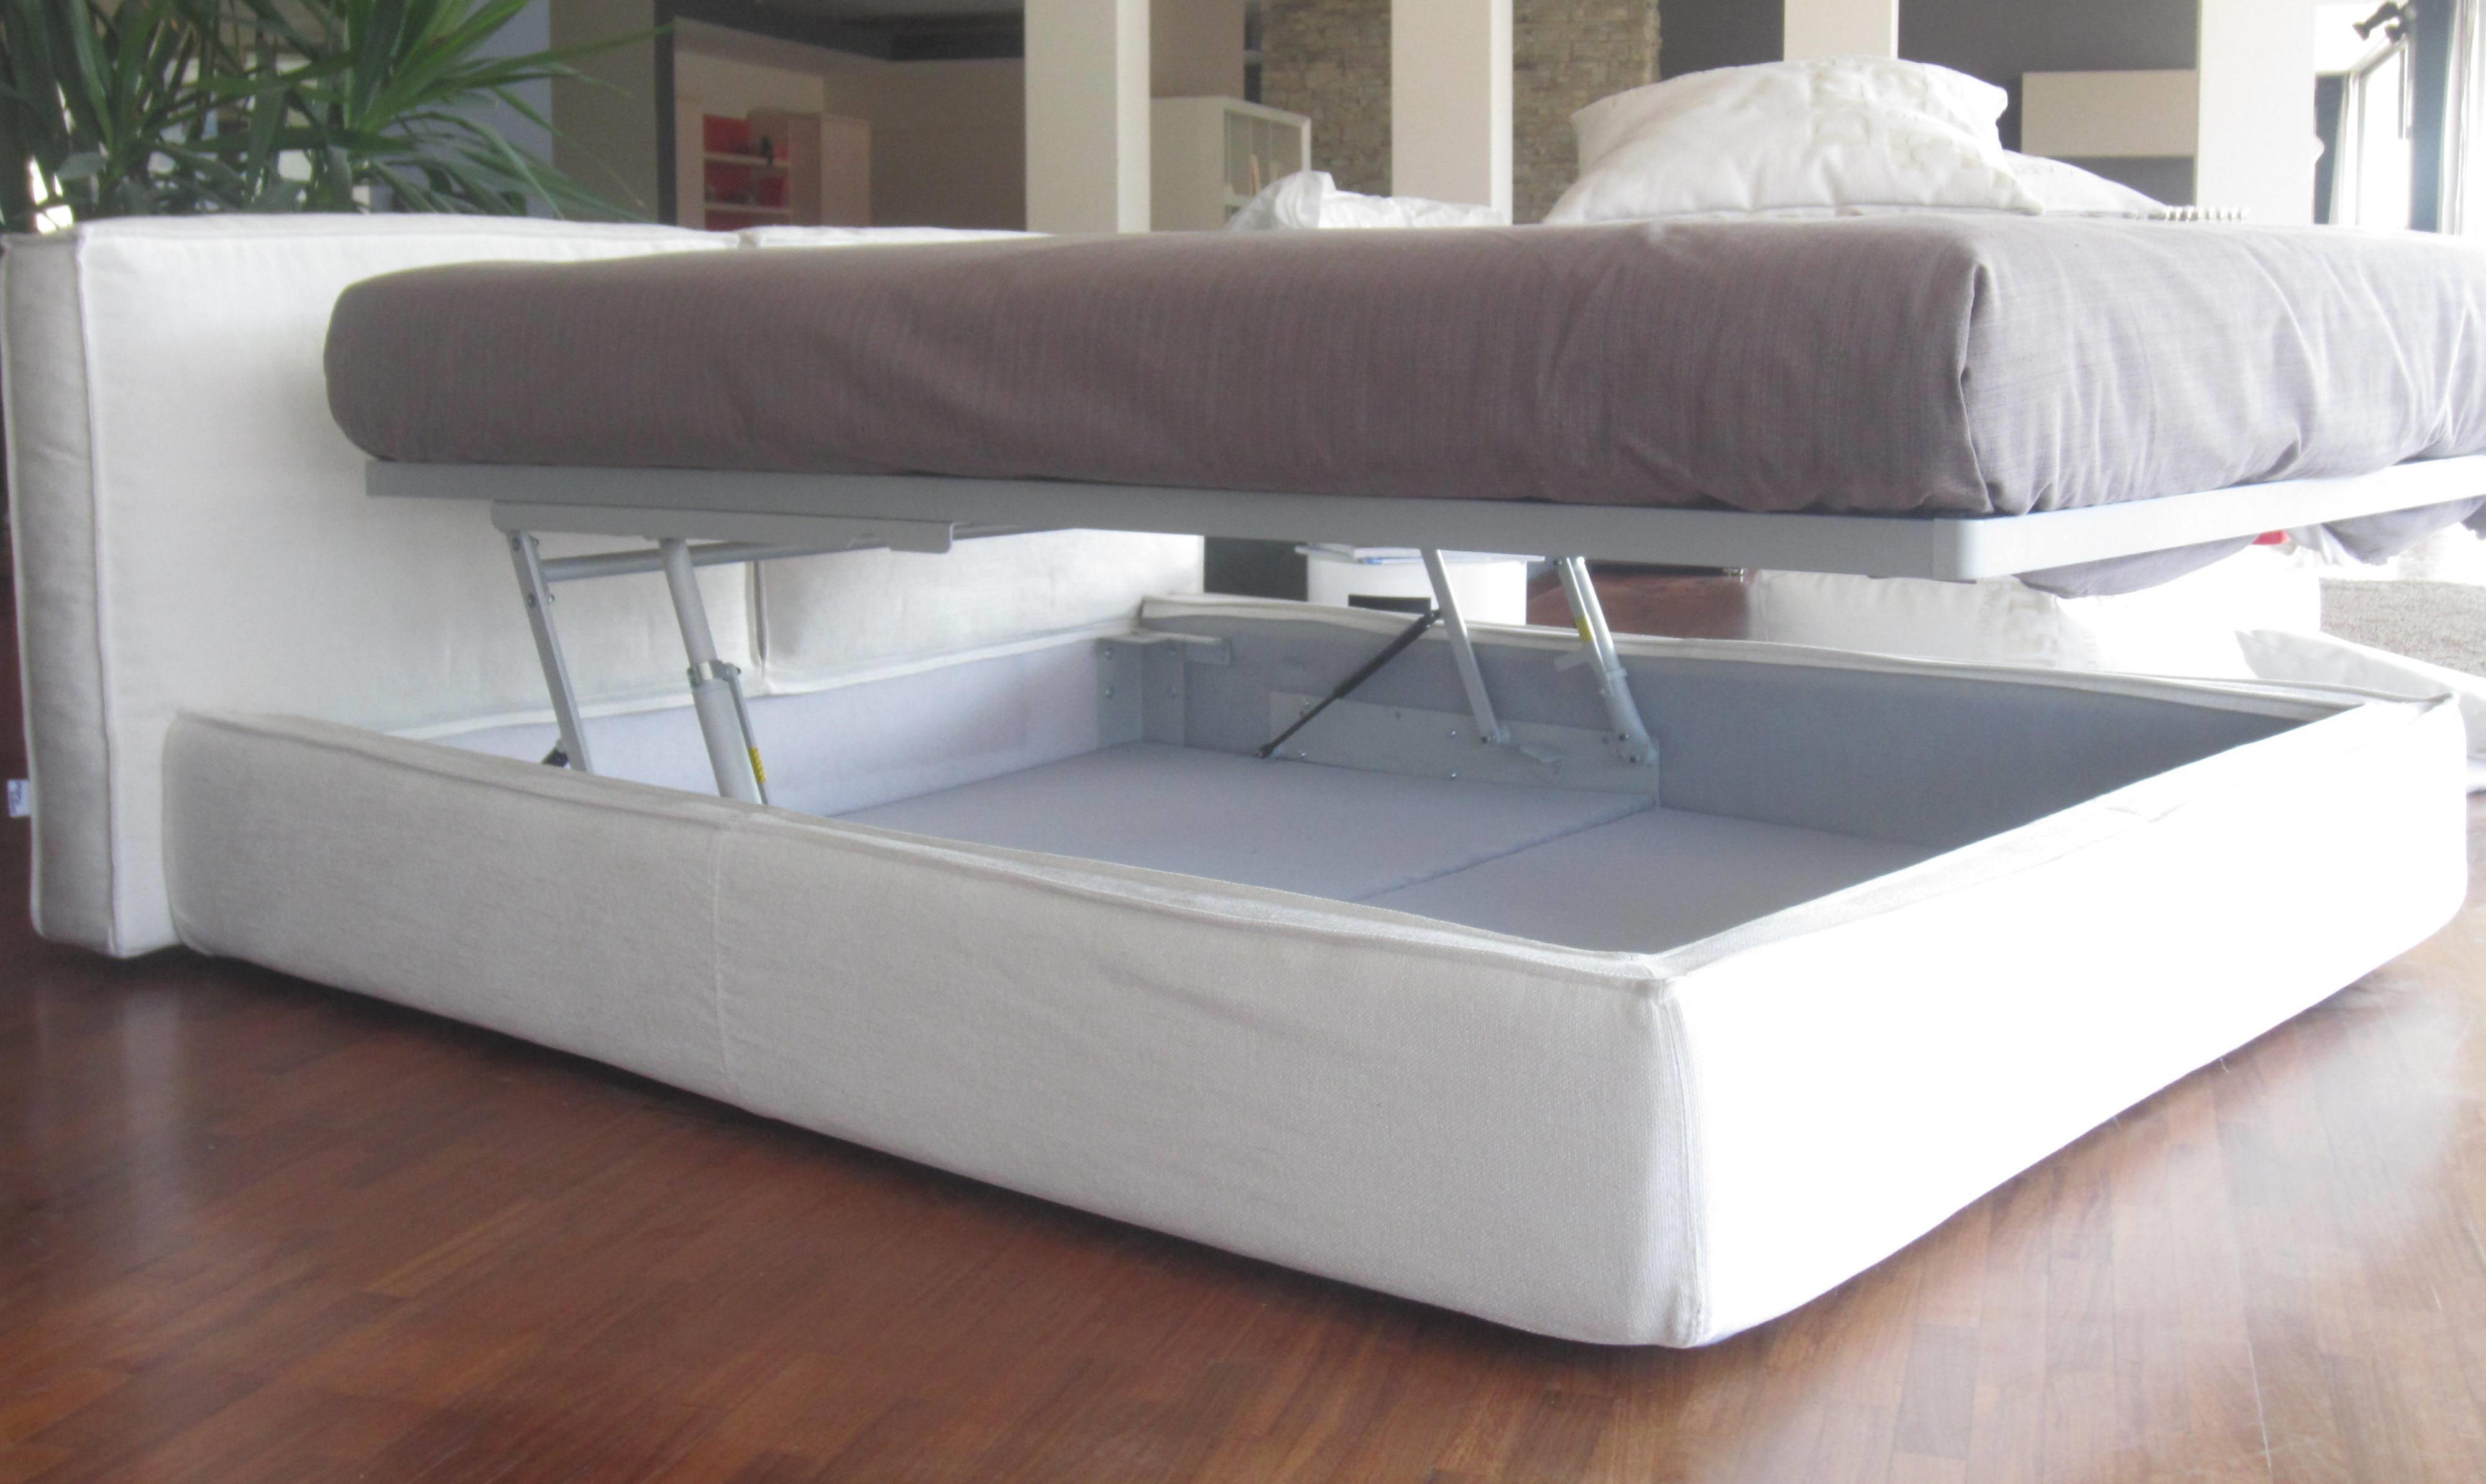 offerta letto con contenitore letti a prezzi scontati